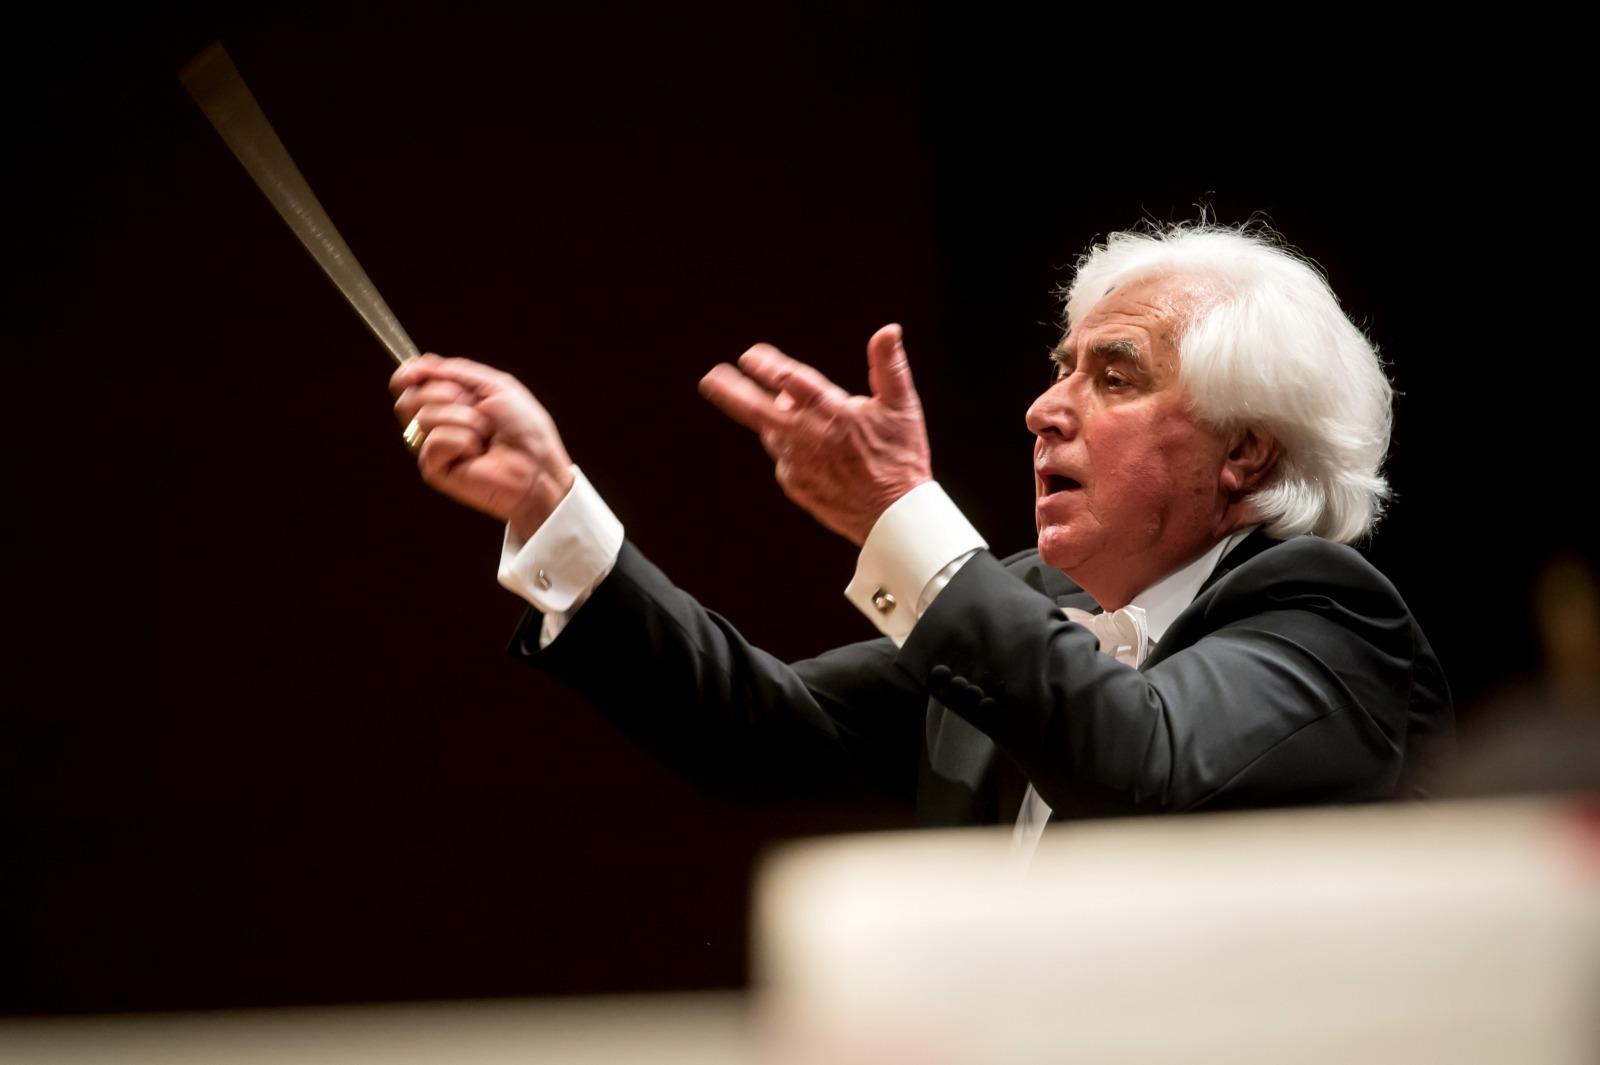 ドミトリー・キタエンコは独自の音楽を創りだす (c)池上直哉/東京交響楽団